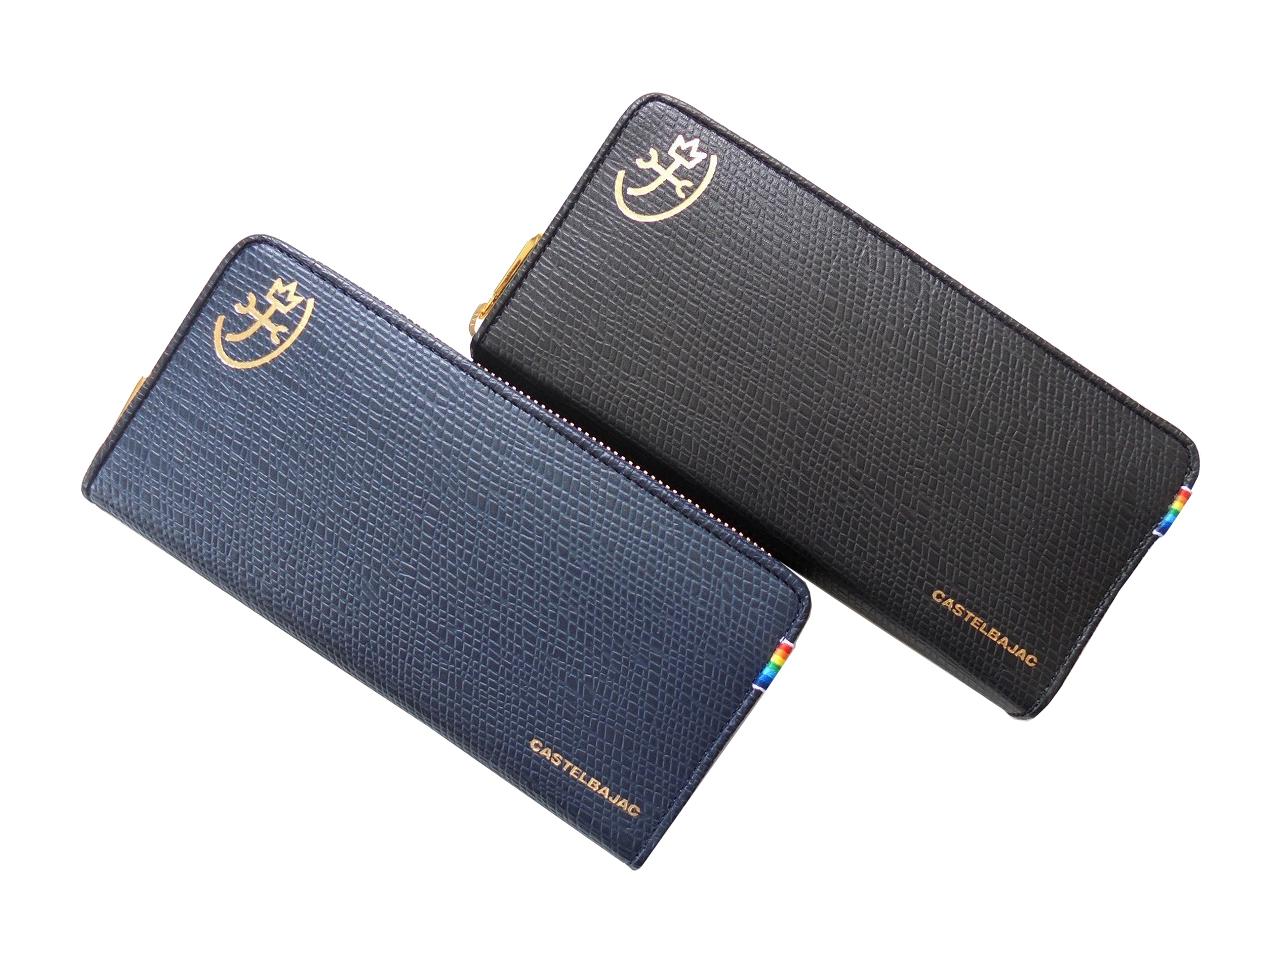 CASTELBAJAC 送料無料 新品 保証 カステルバジャック レインボー メンズ 長財布 ラウンドファスナー 079615